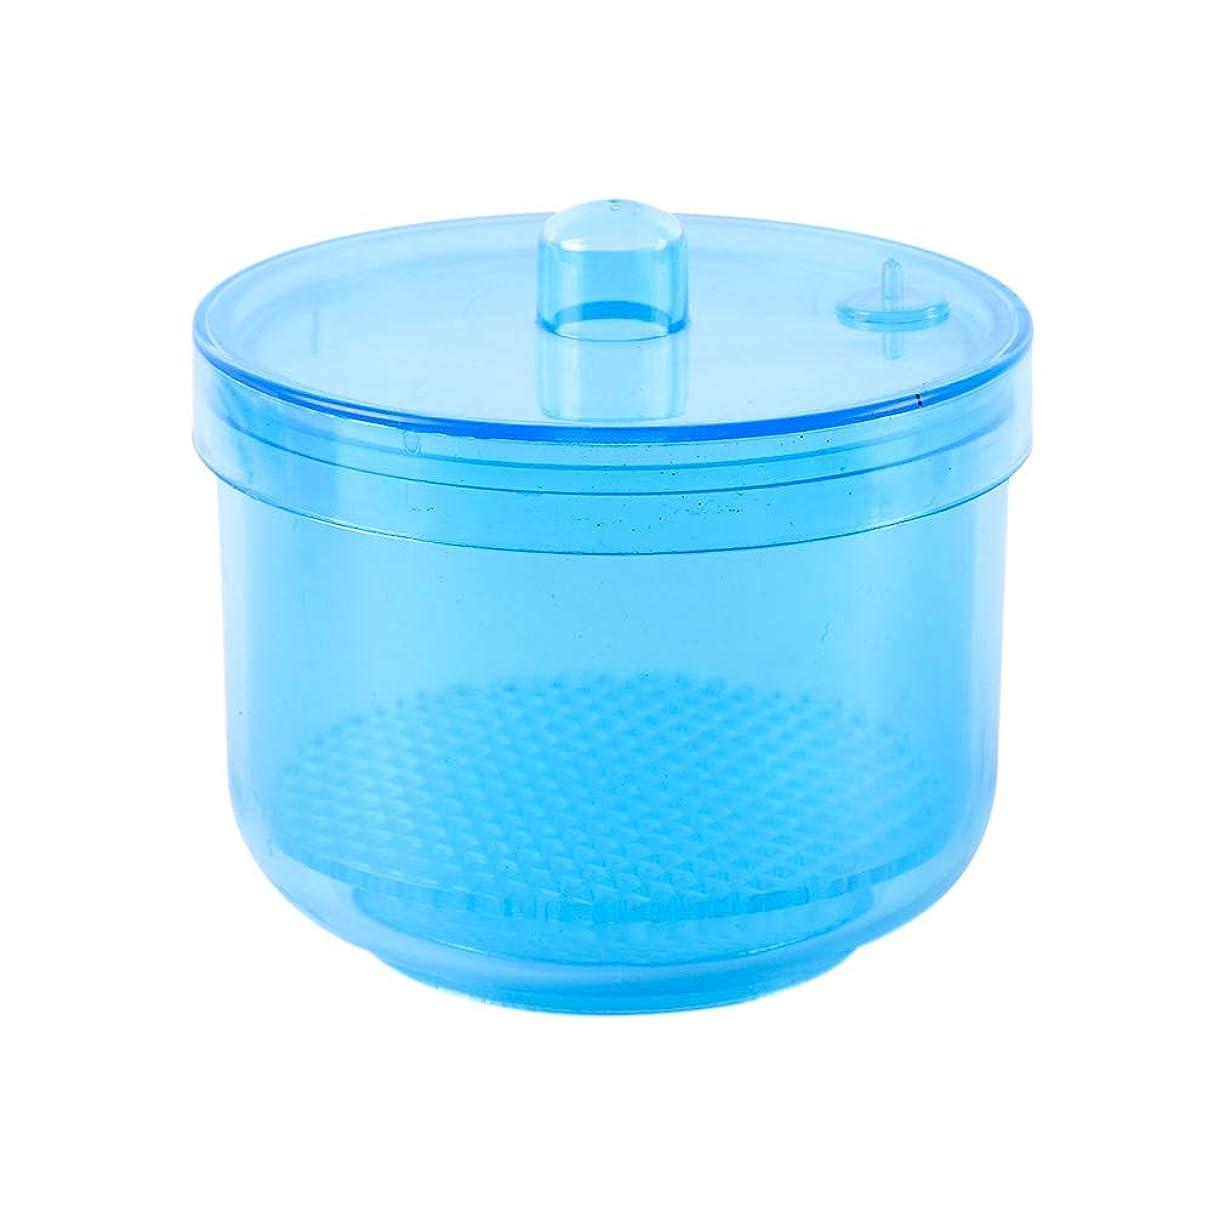 代替案理想的には特別にSODIAL 1ピースネイル/ニードル消毒消毒収納ボックスネイル/ニードルビットクリーニングツールアクセサリーマニキュアクリーンネイル/ニードルツールカラーランダム